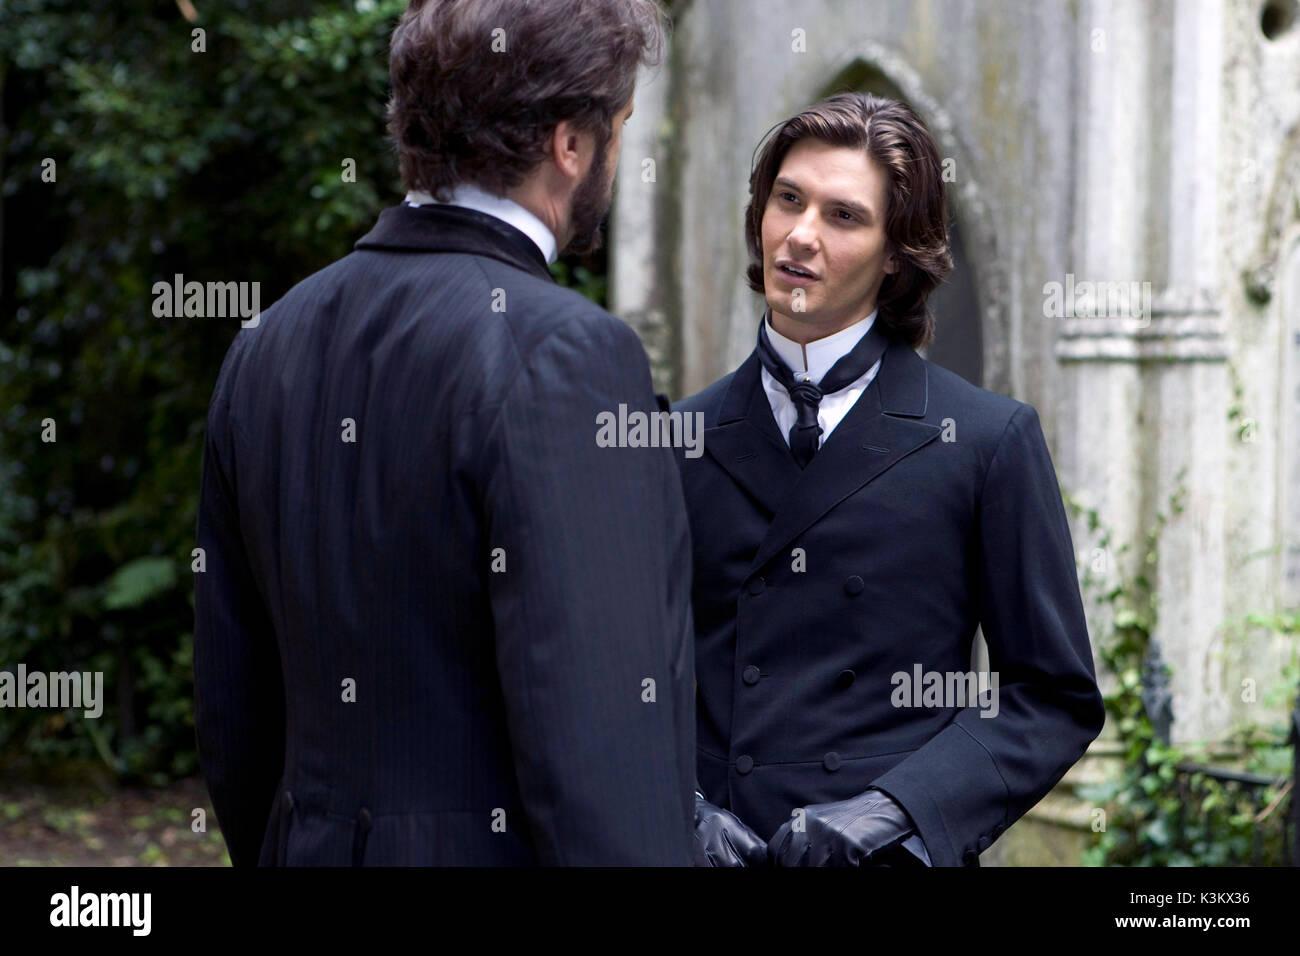 DORIAN GRAY Colin Firth als Lord Henry Wotton, Ben Barnes als Dorian Gray Datum: 2009 Stockbild